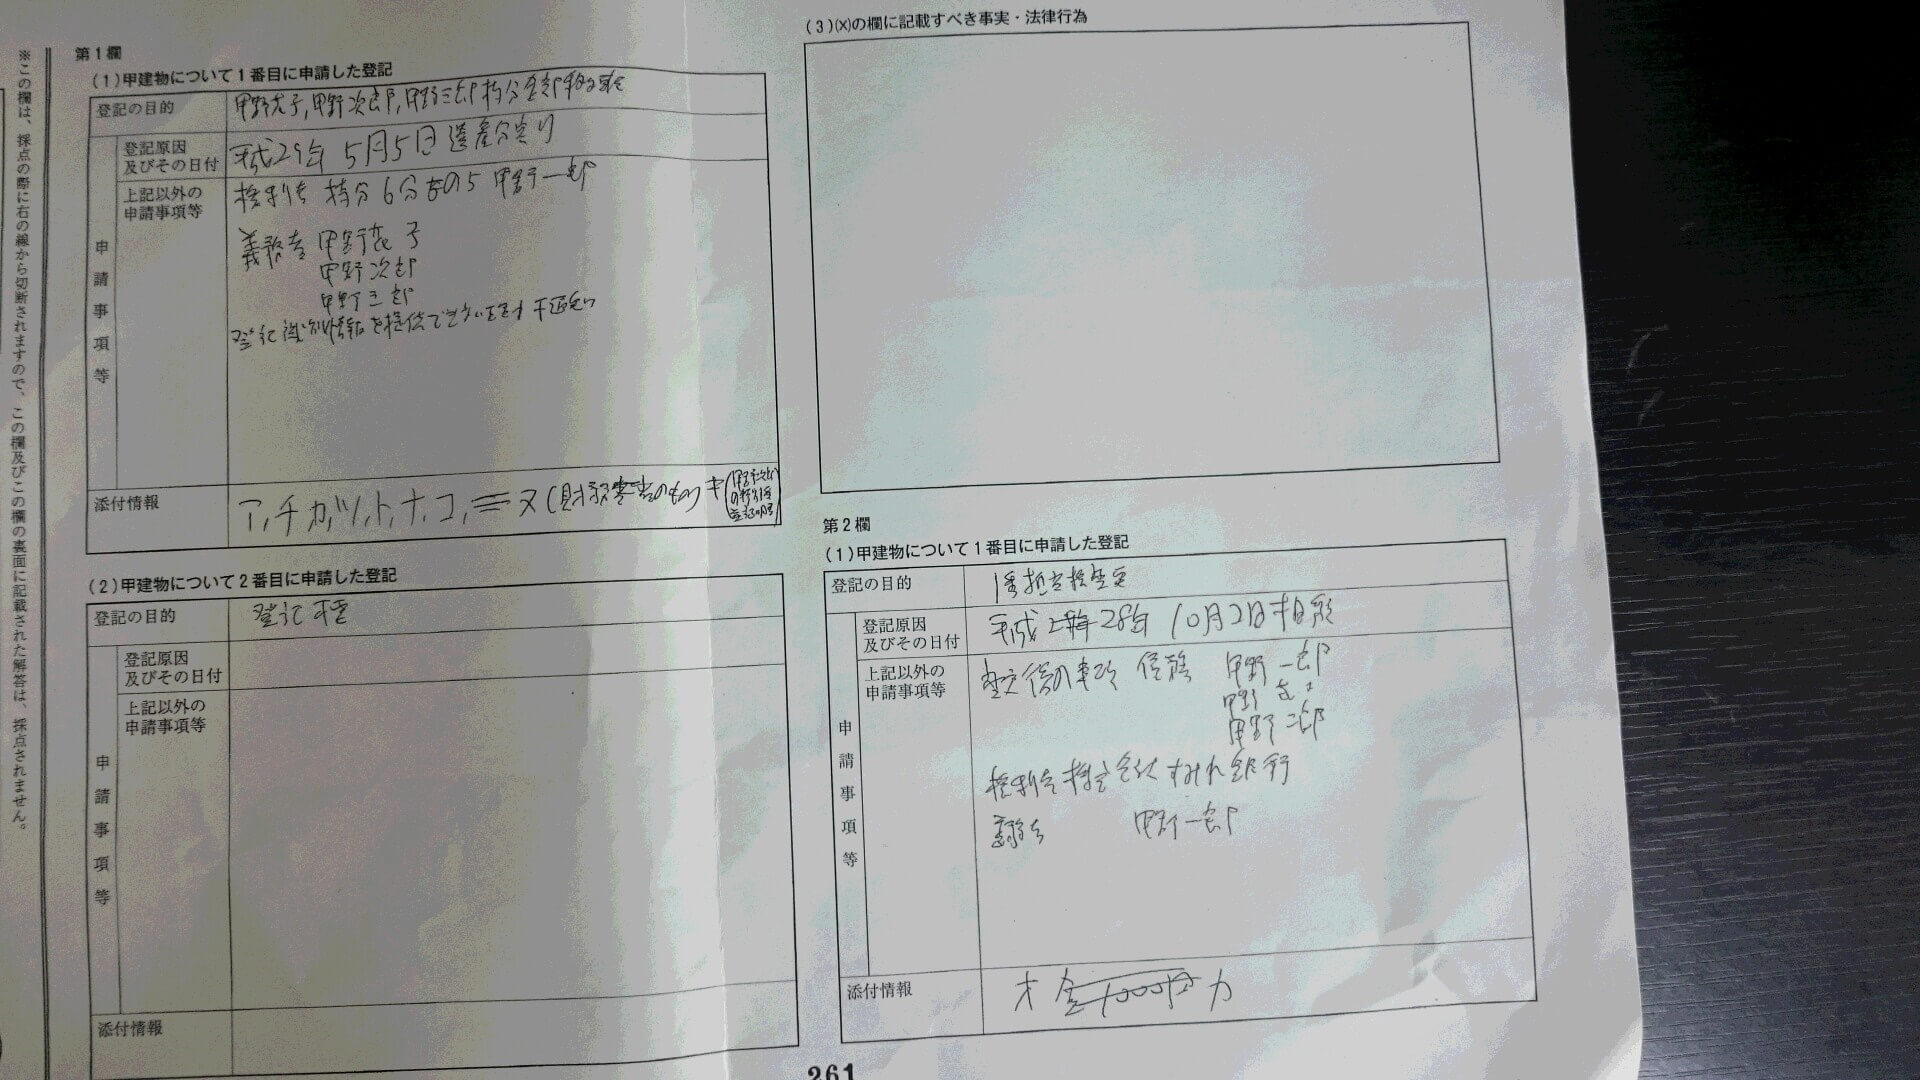 司法書士試験不動産登記法記述式の開示請求答案